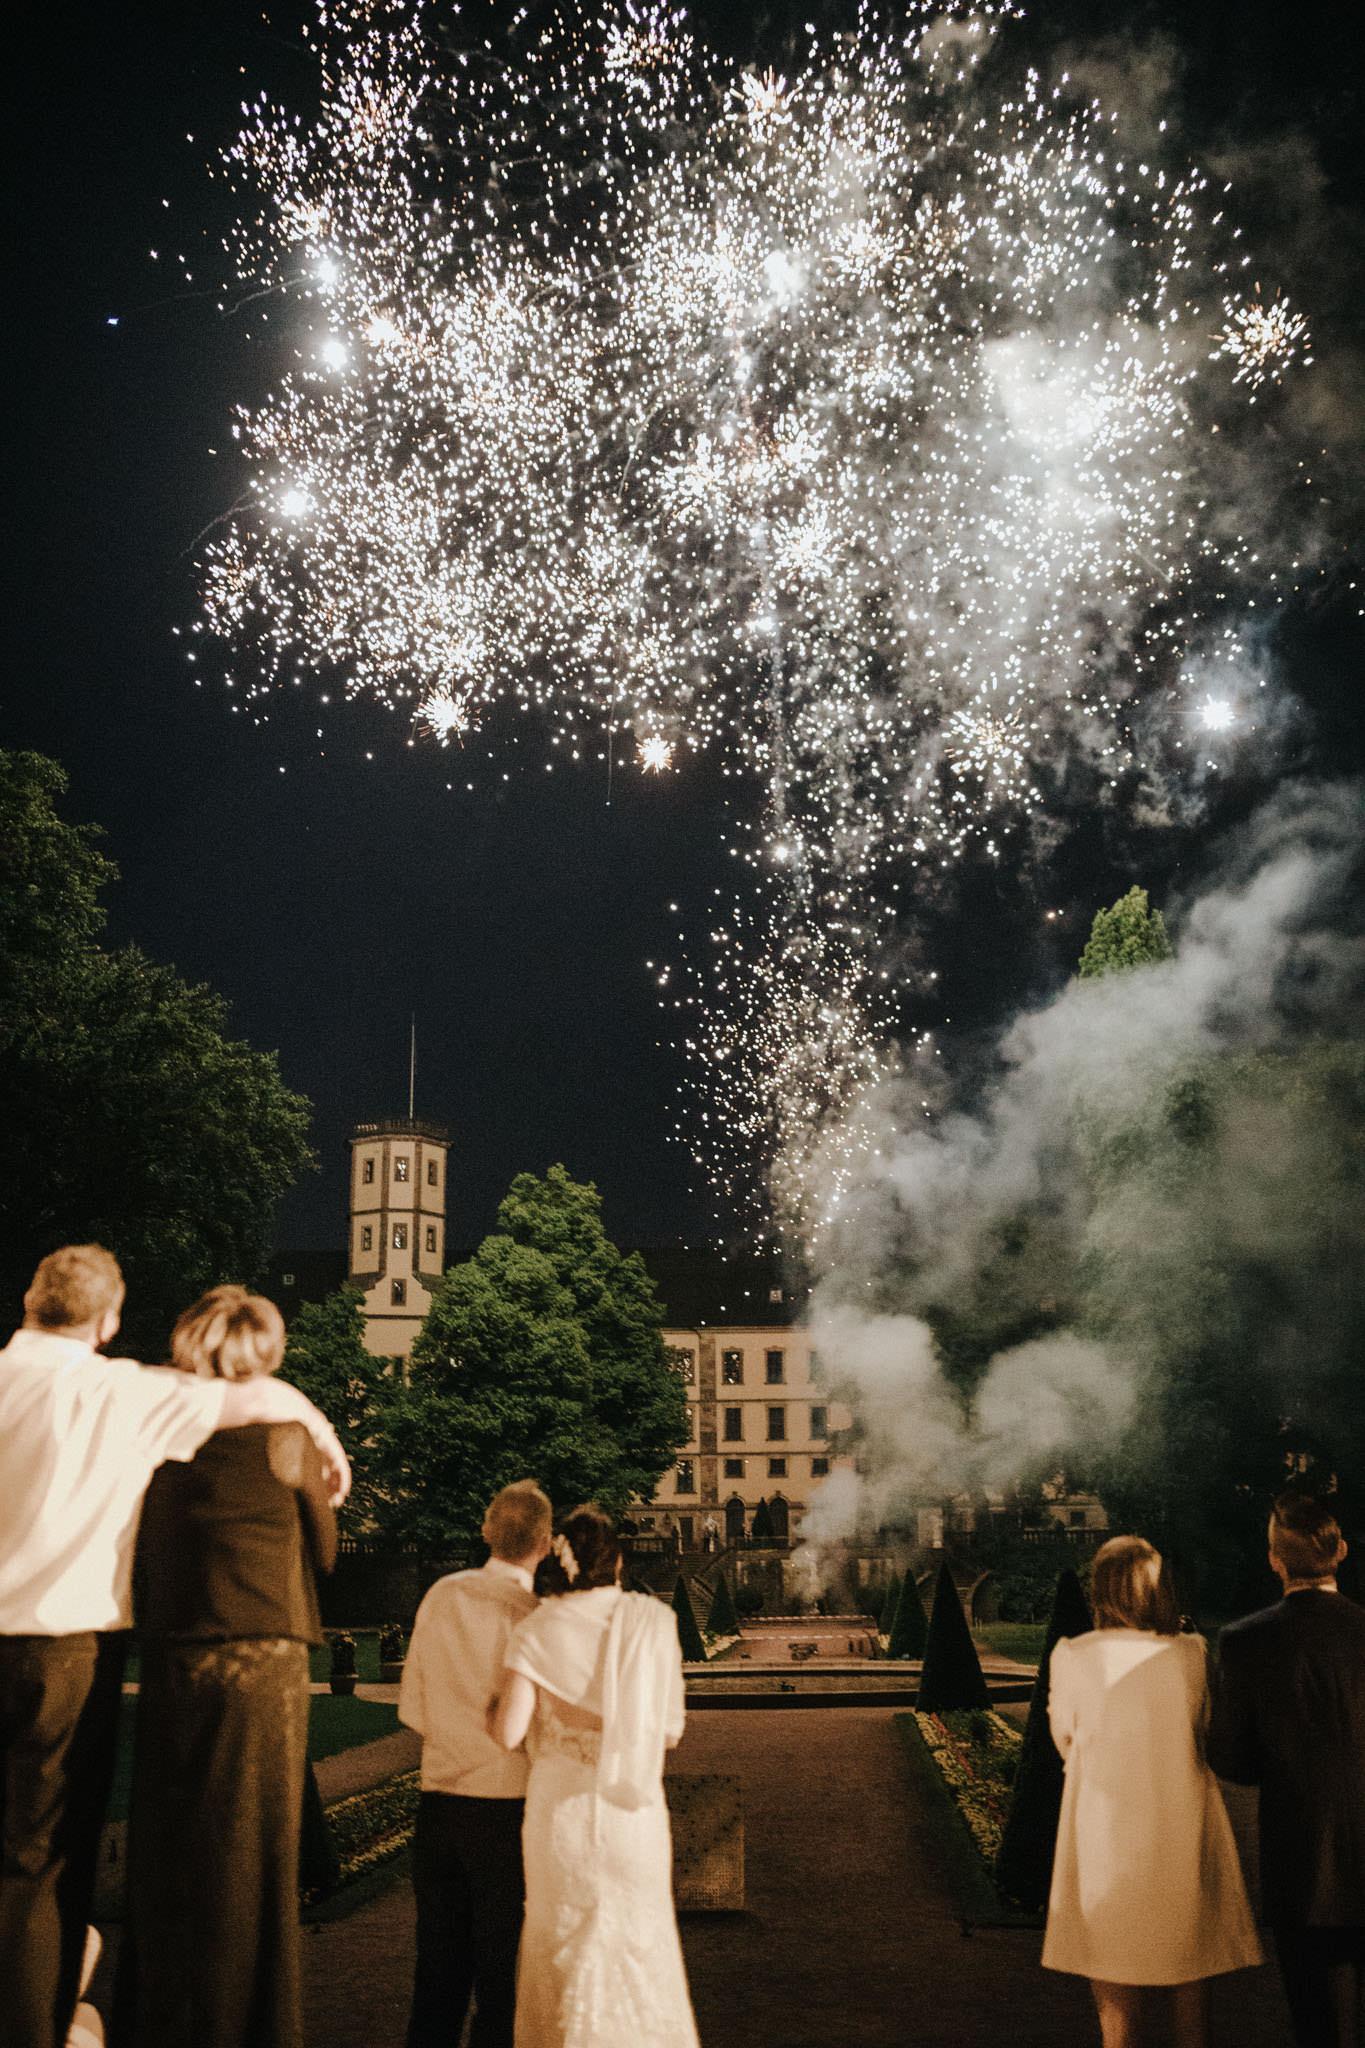 Feuerwerk im Schlosspark Fulda